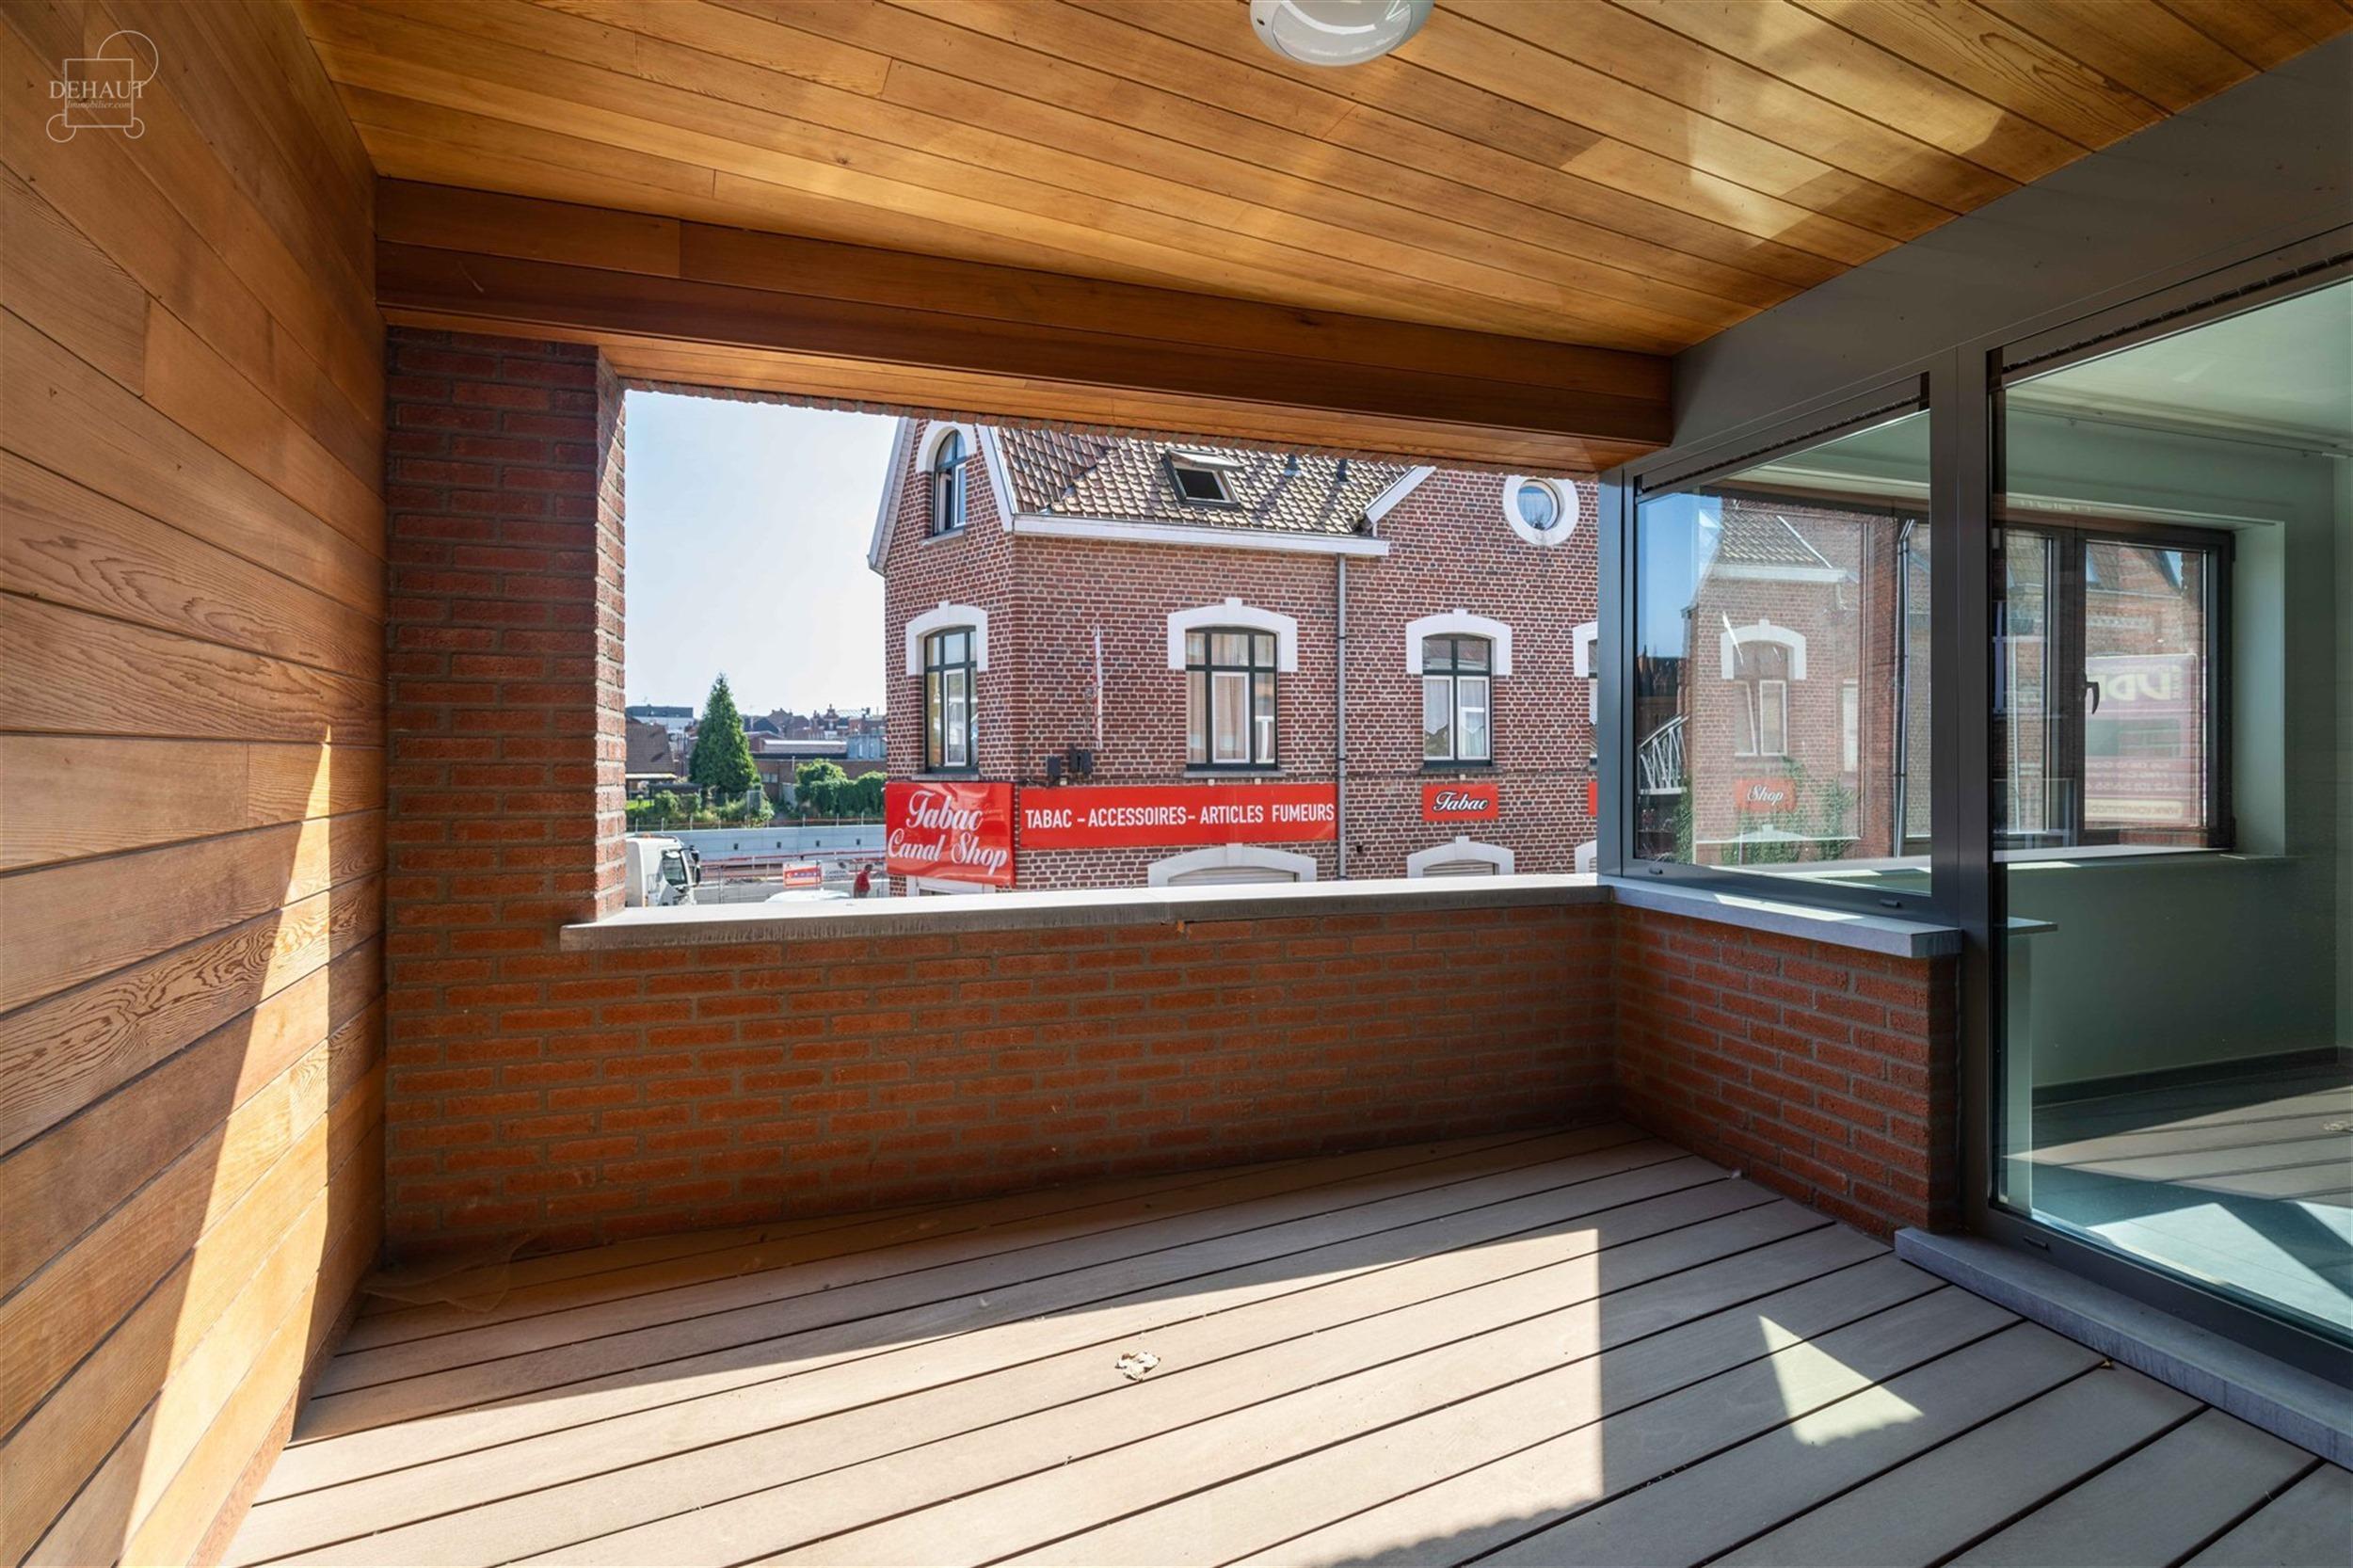 Superbe appartement 2 chambres et garage situé à proximité du centre-ville et des commerces. Très bel espace de vie ouvert sur une cuisine full é...